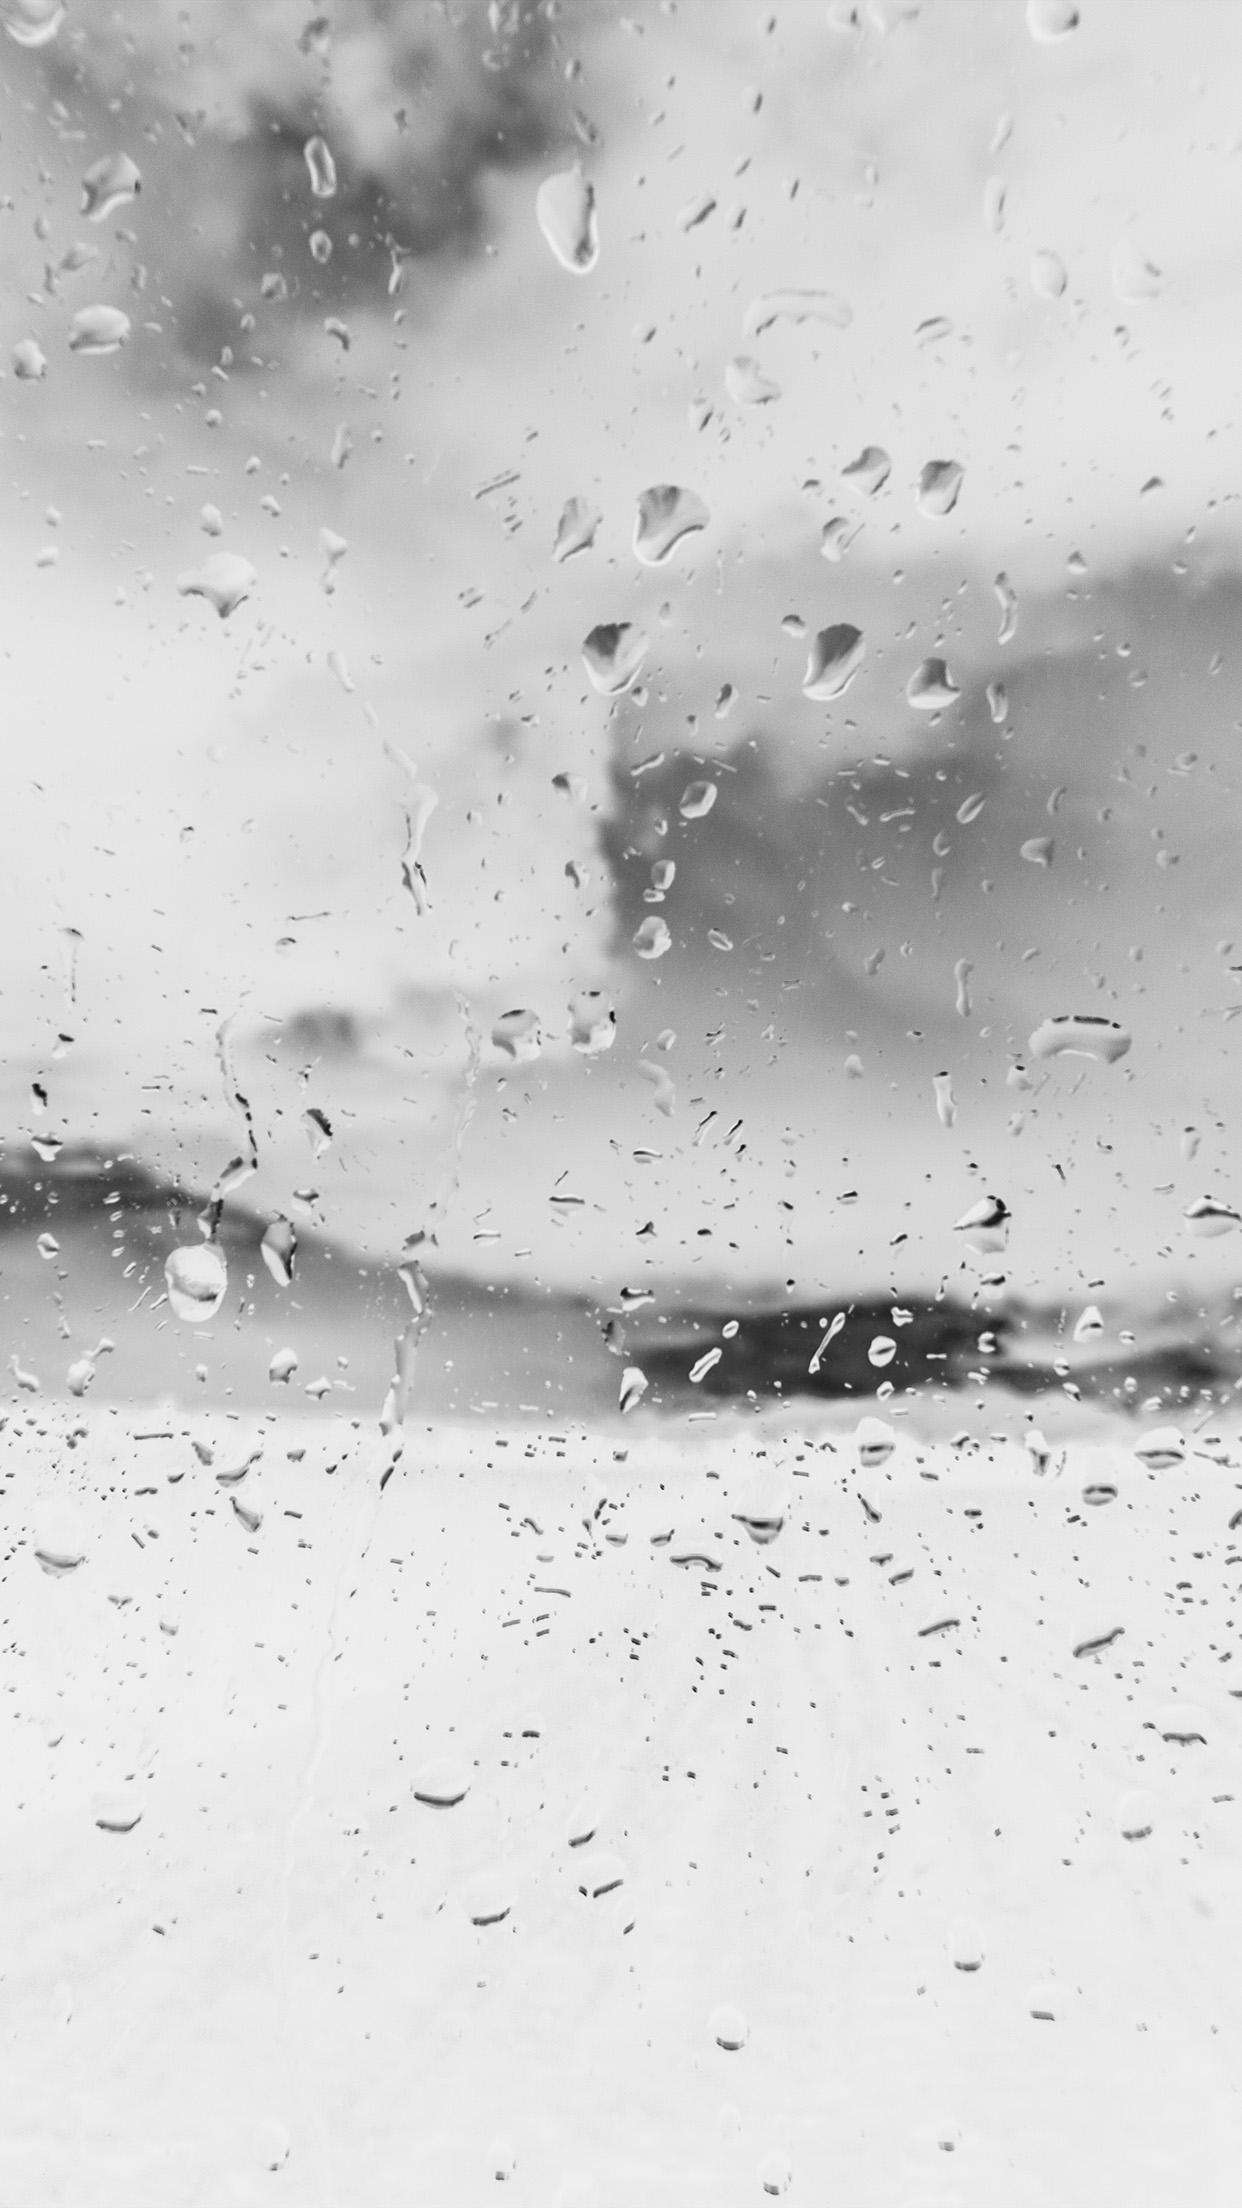 Iphone 8 plus - Rainy window wallpaper ...